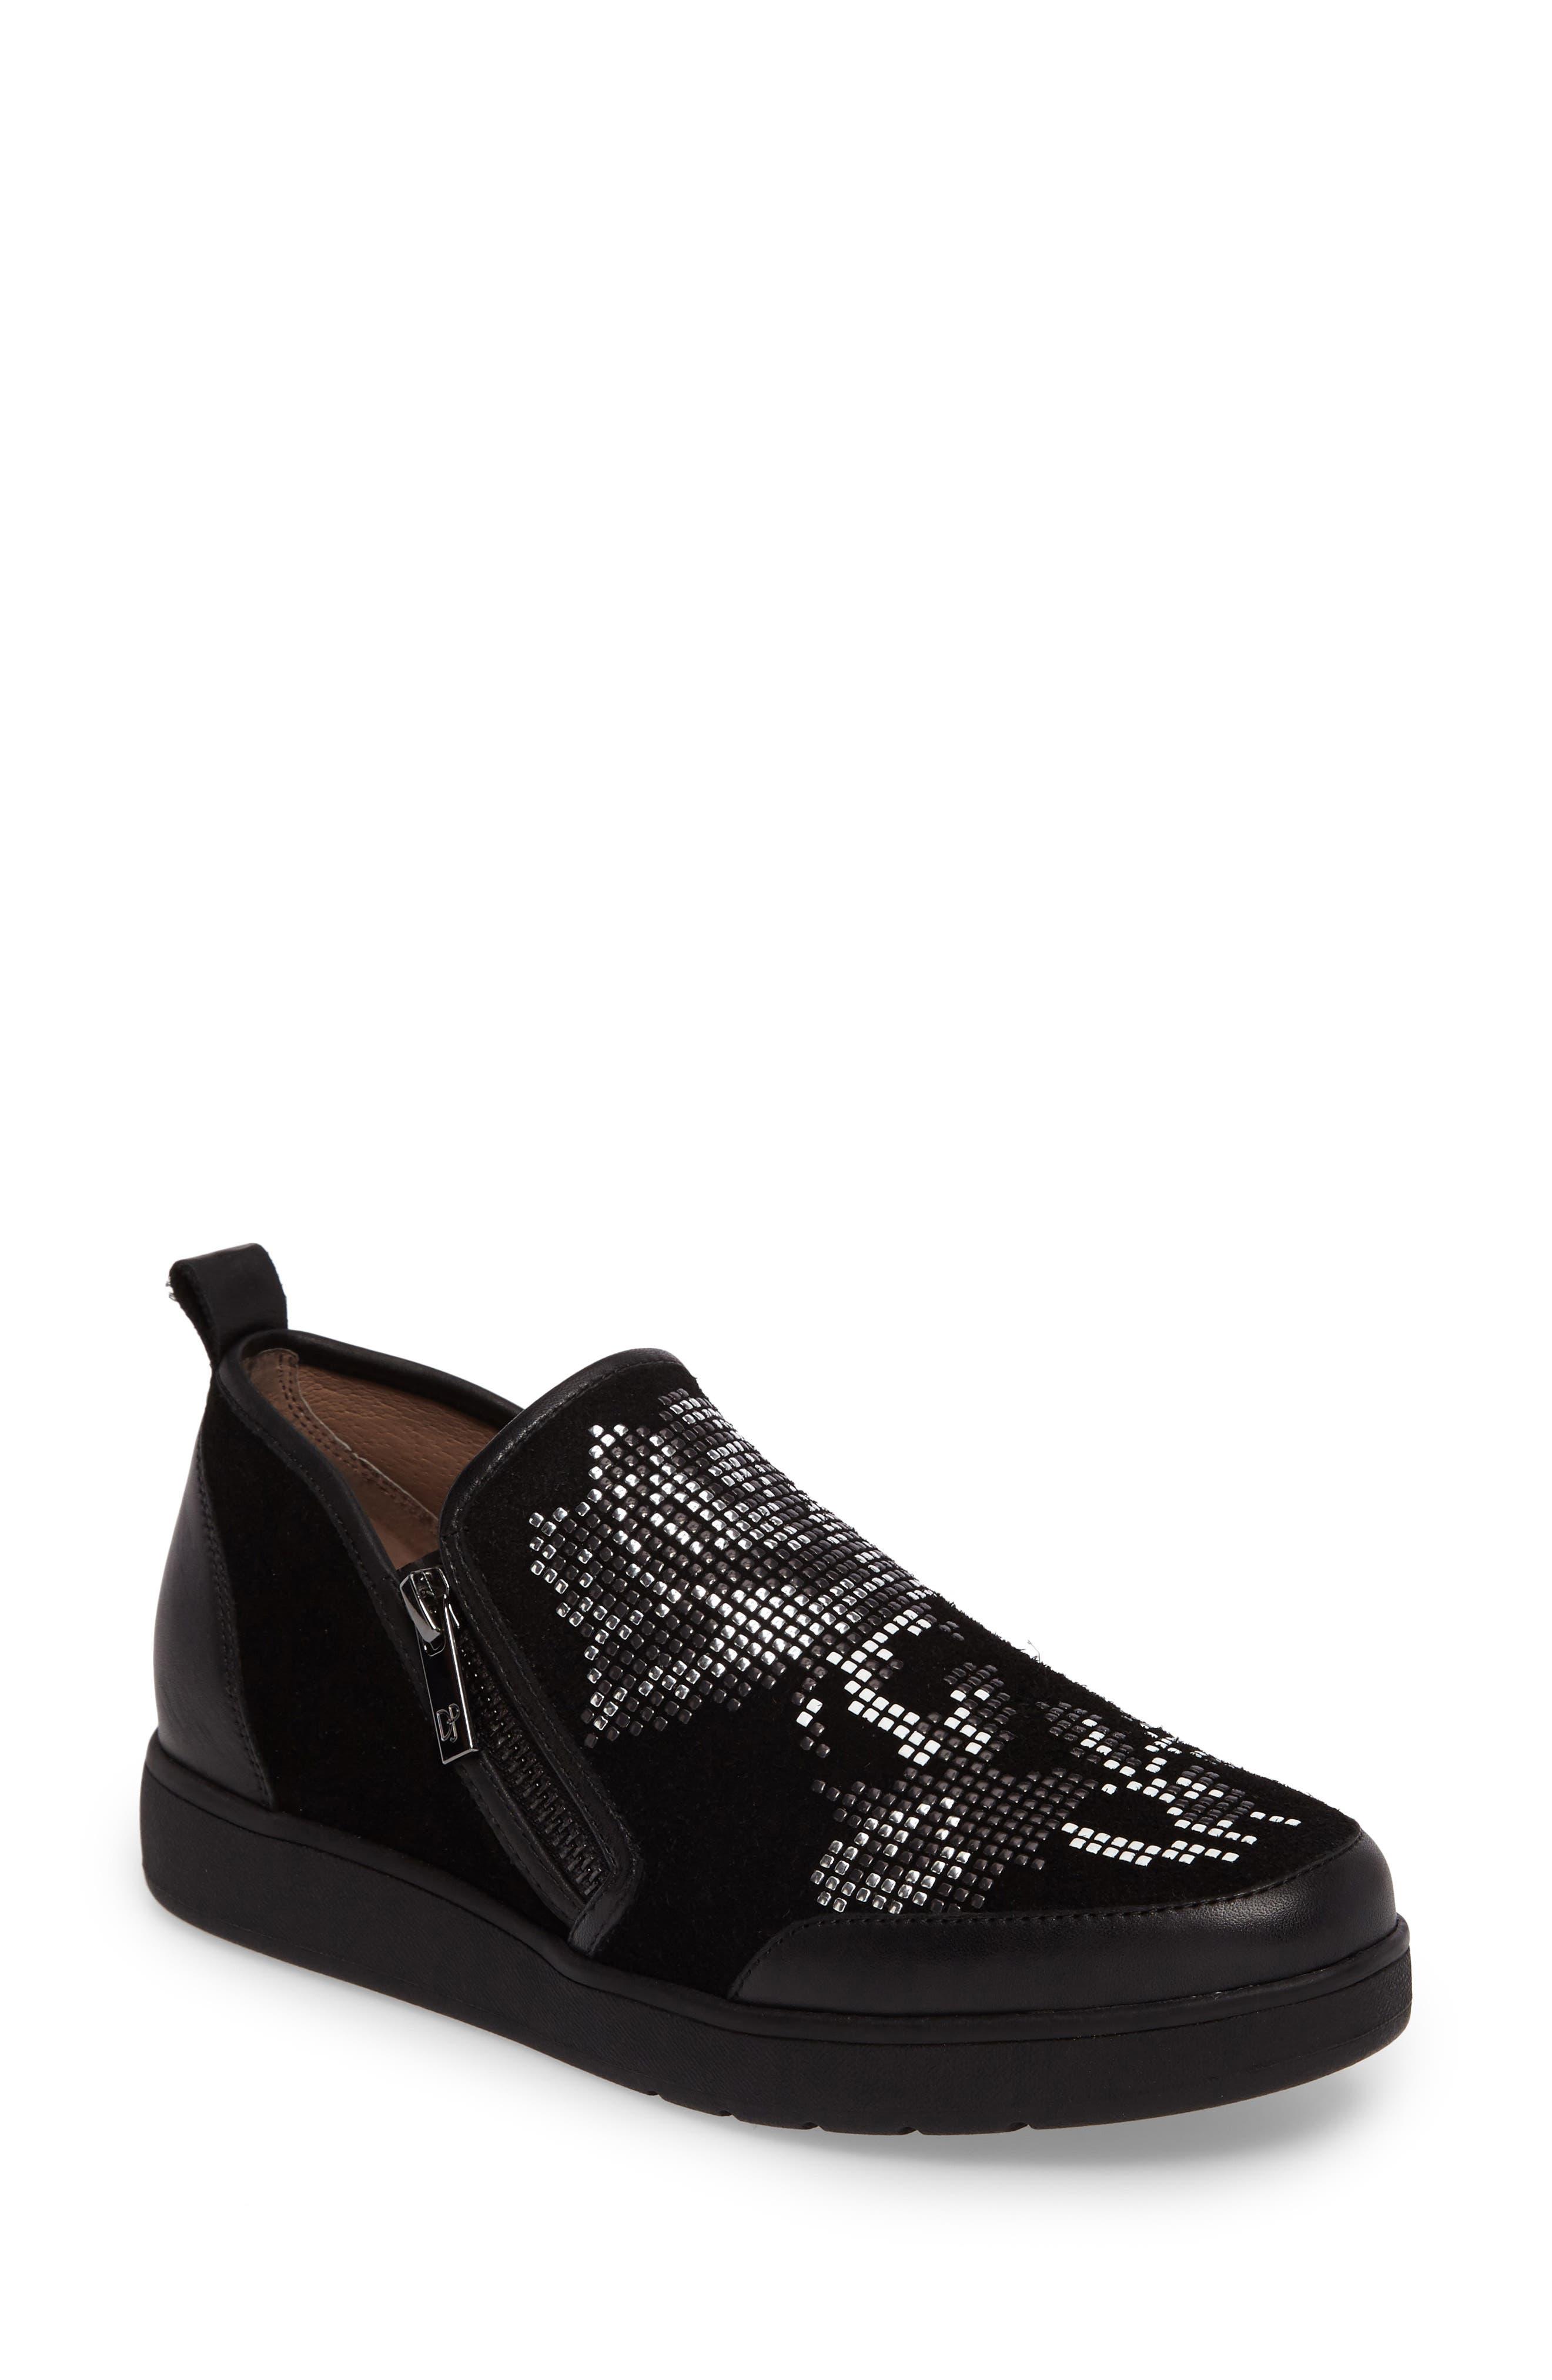 Donald J Pliner Mylasp Embellished Sneaker,                         Main,                         color, 001